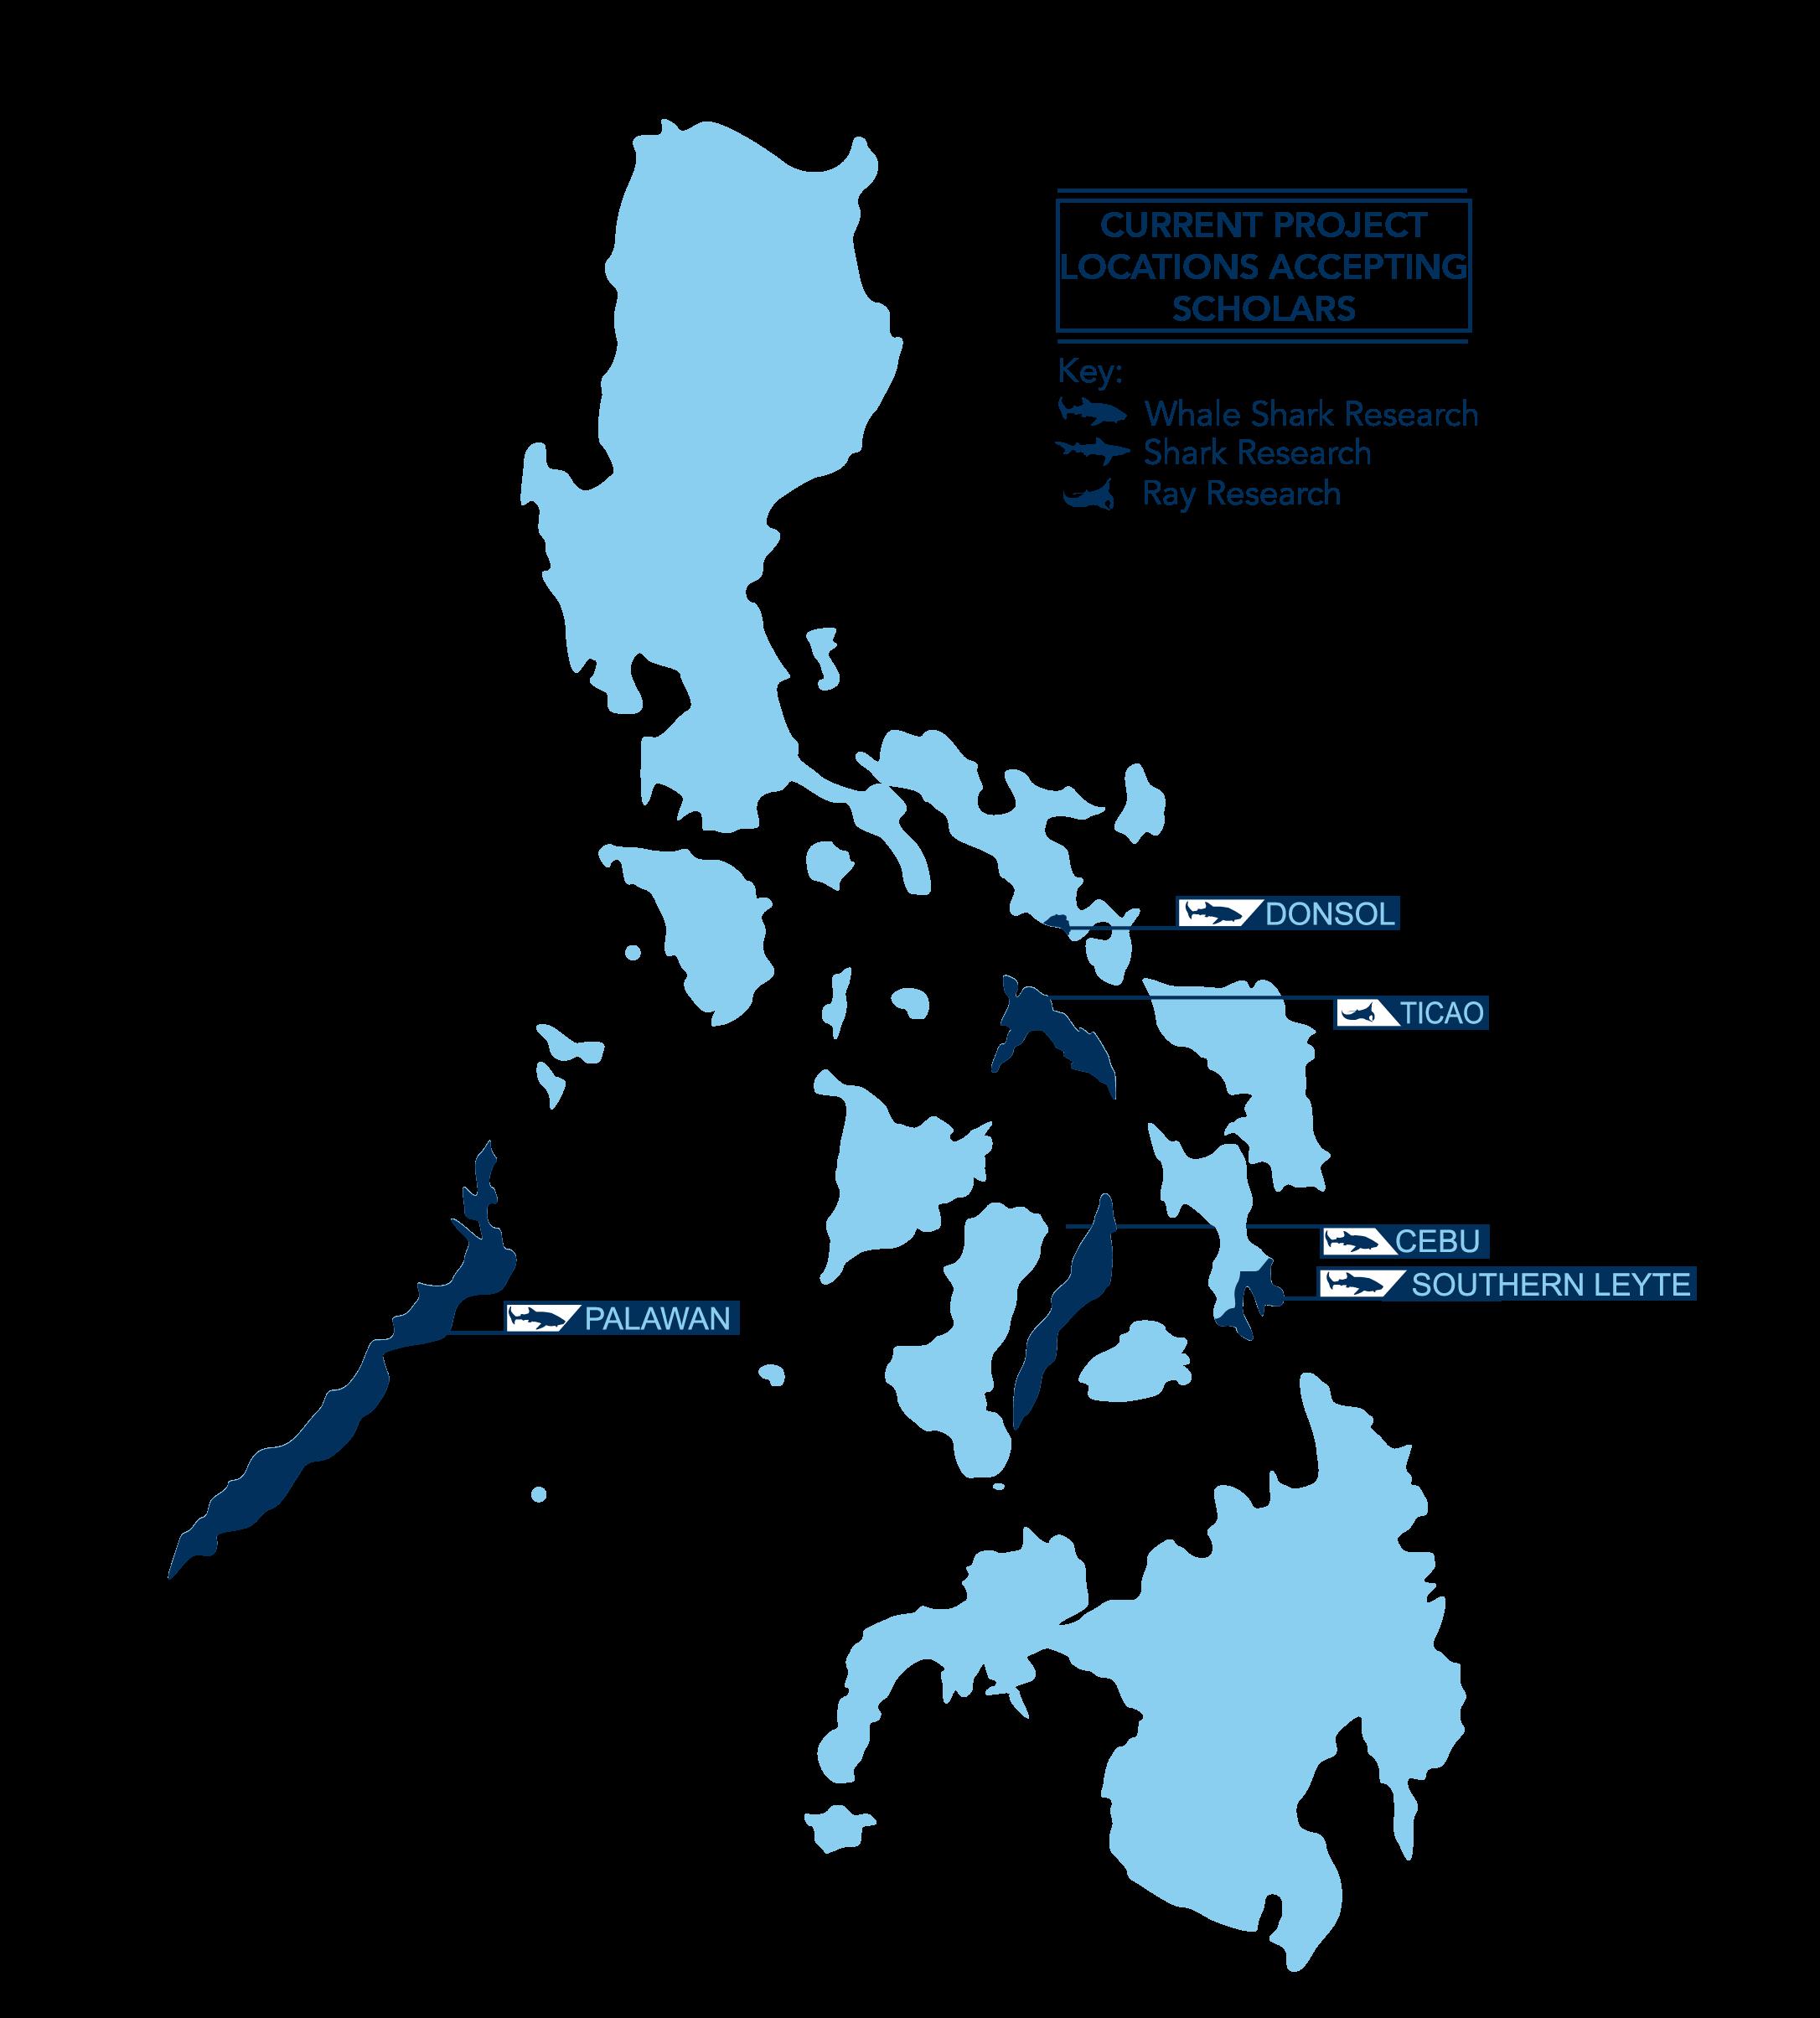 Map LAMAVE 2019_CURRENT SCHOLARS.png